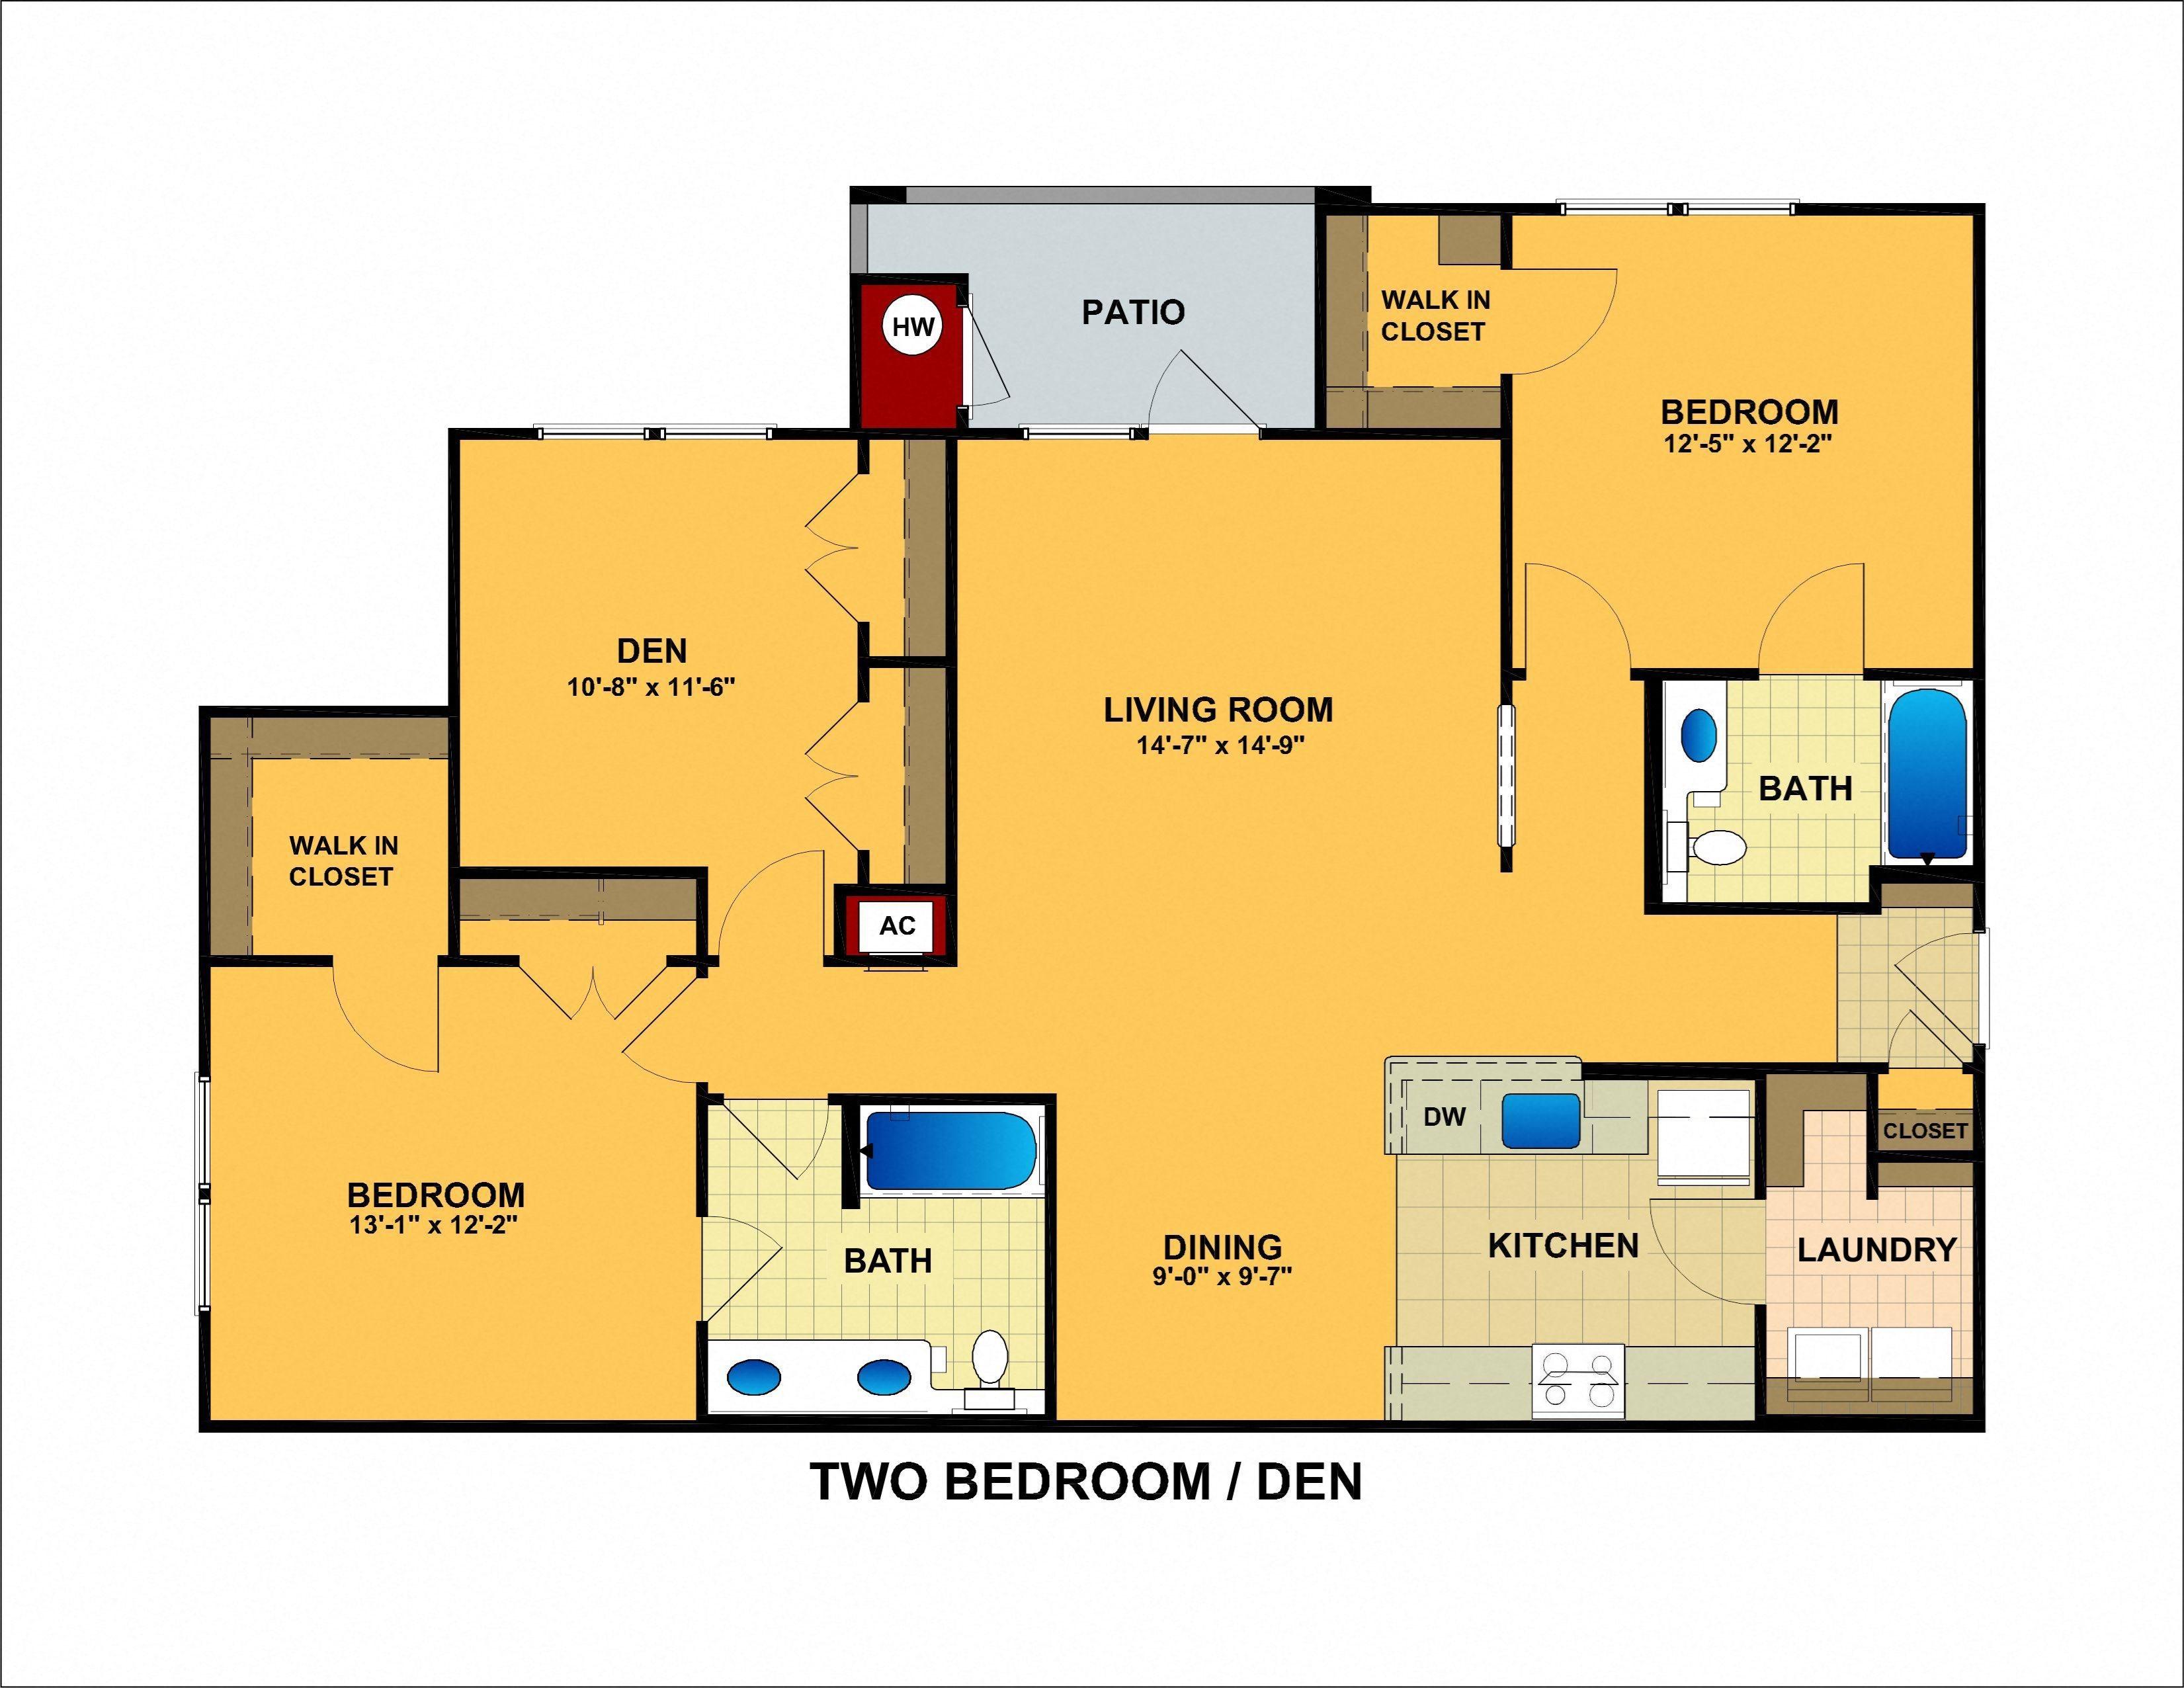 Two Bedroom With Den Floor Plan 5